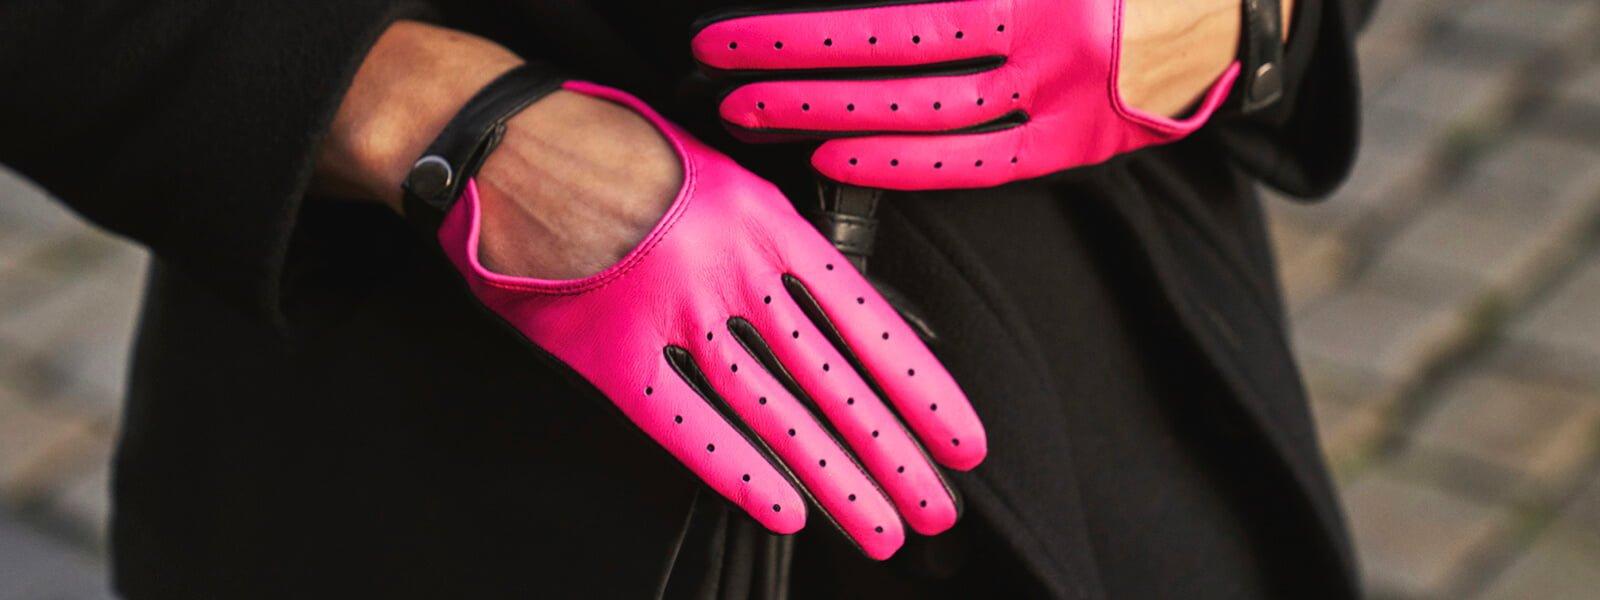 Neonowe damskie rękawiczki